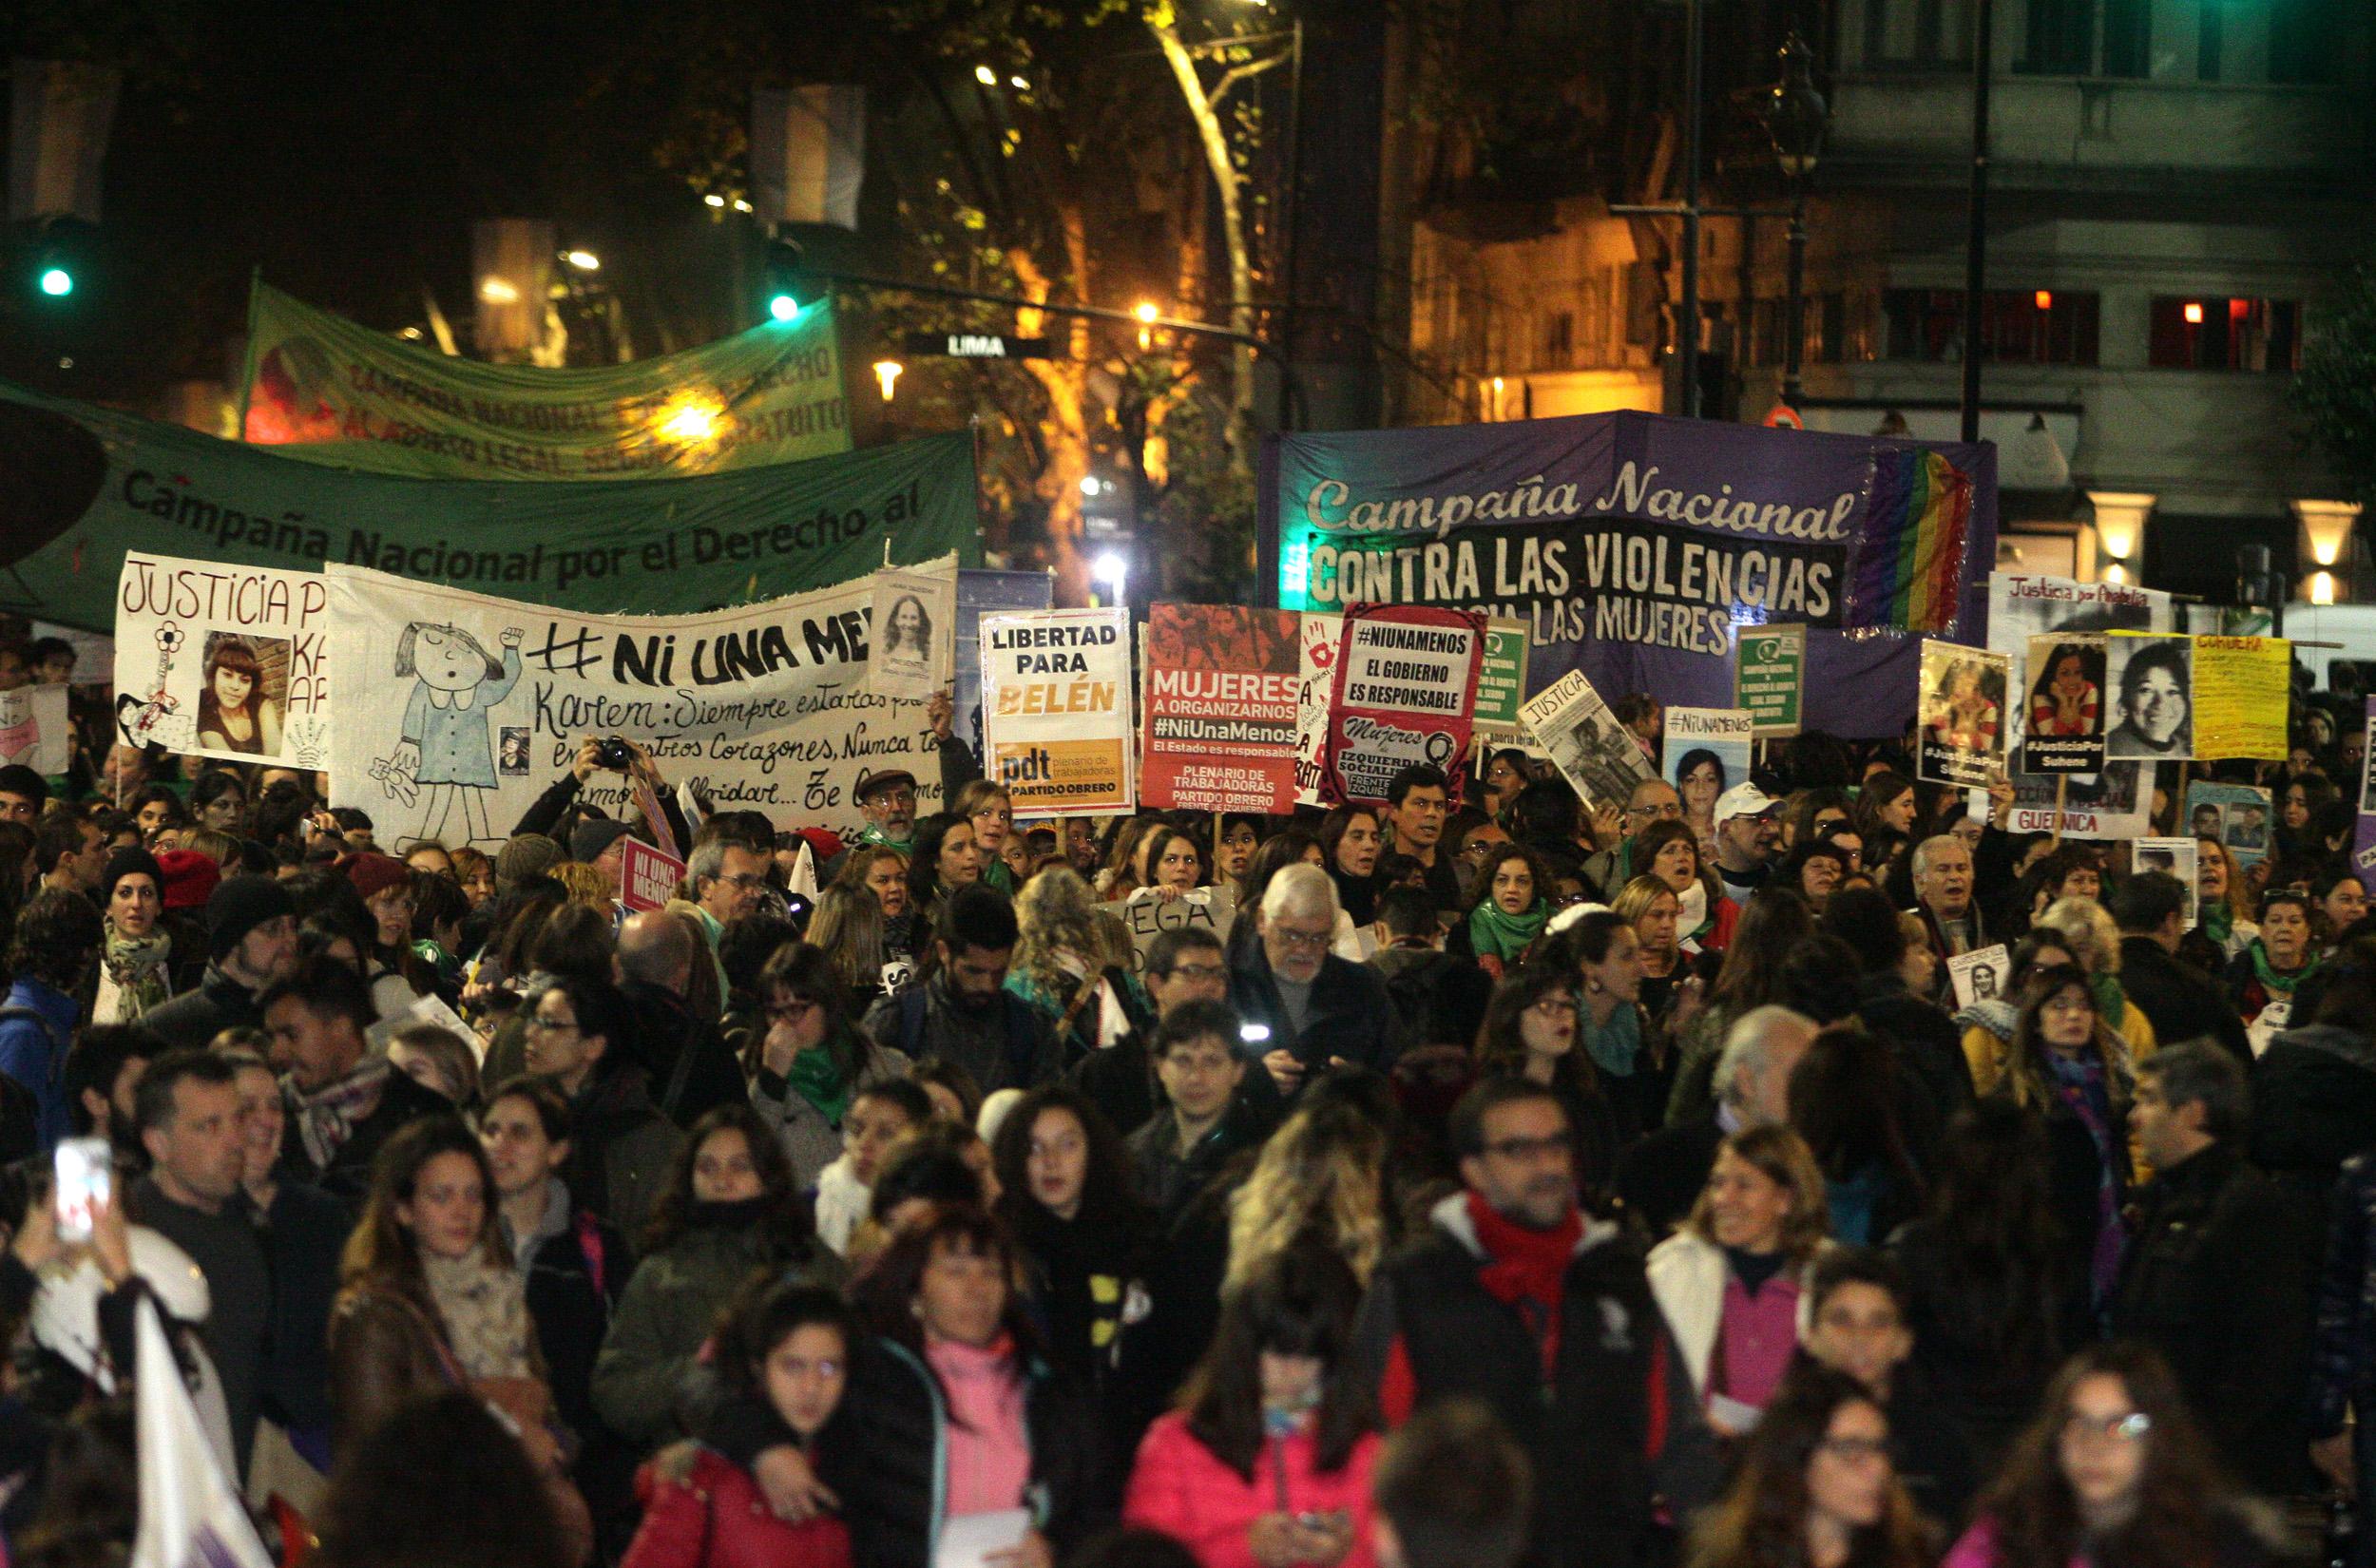 """DYN202, BUENOS AIRES, 03/06/2016, MARCHA POR """"NI UNA MENOS """" DESDE EL CONGRESO A PLAZA DE MAYO. FOTO:DYN/ALBERTO RAGGIO."""